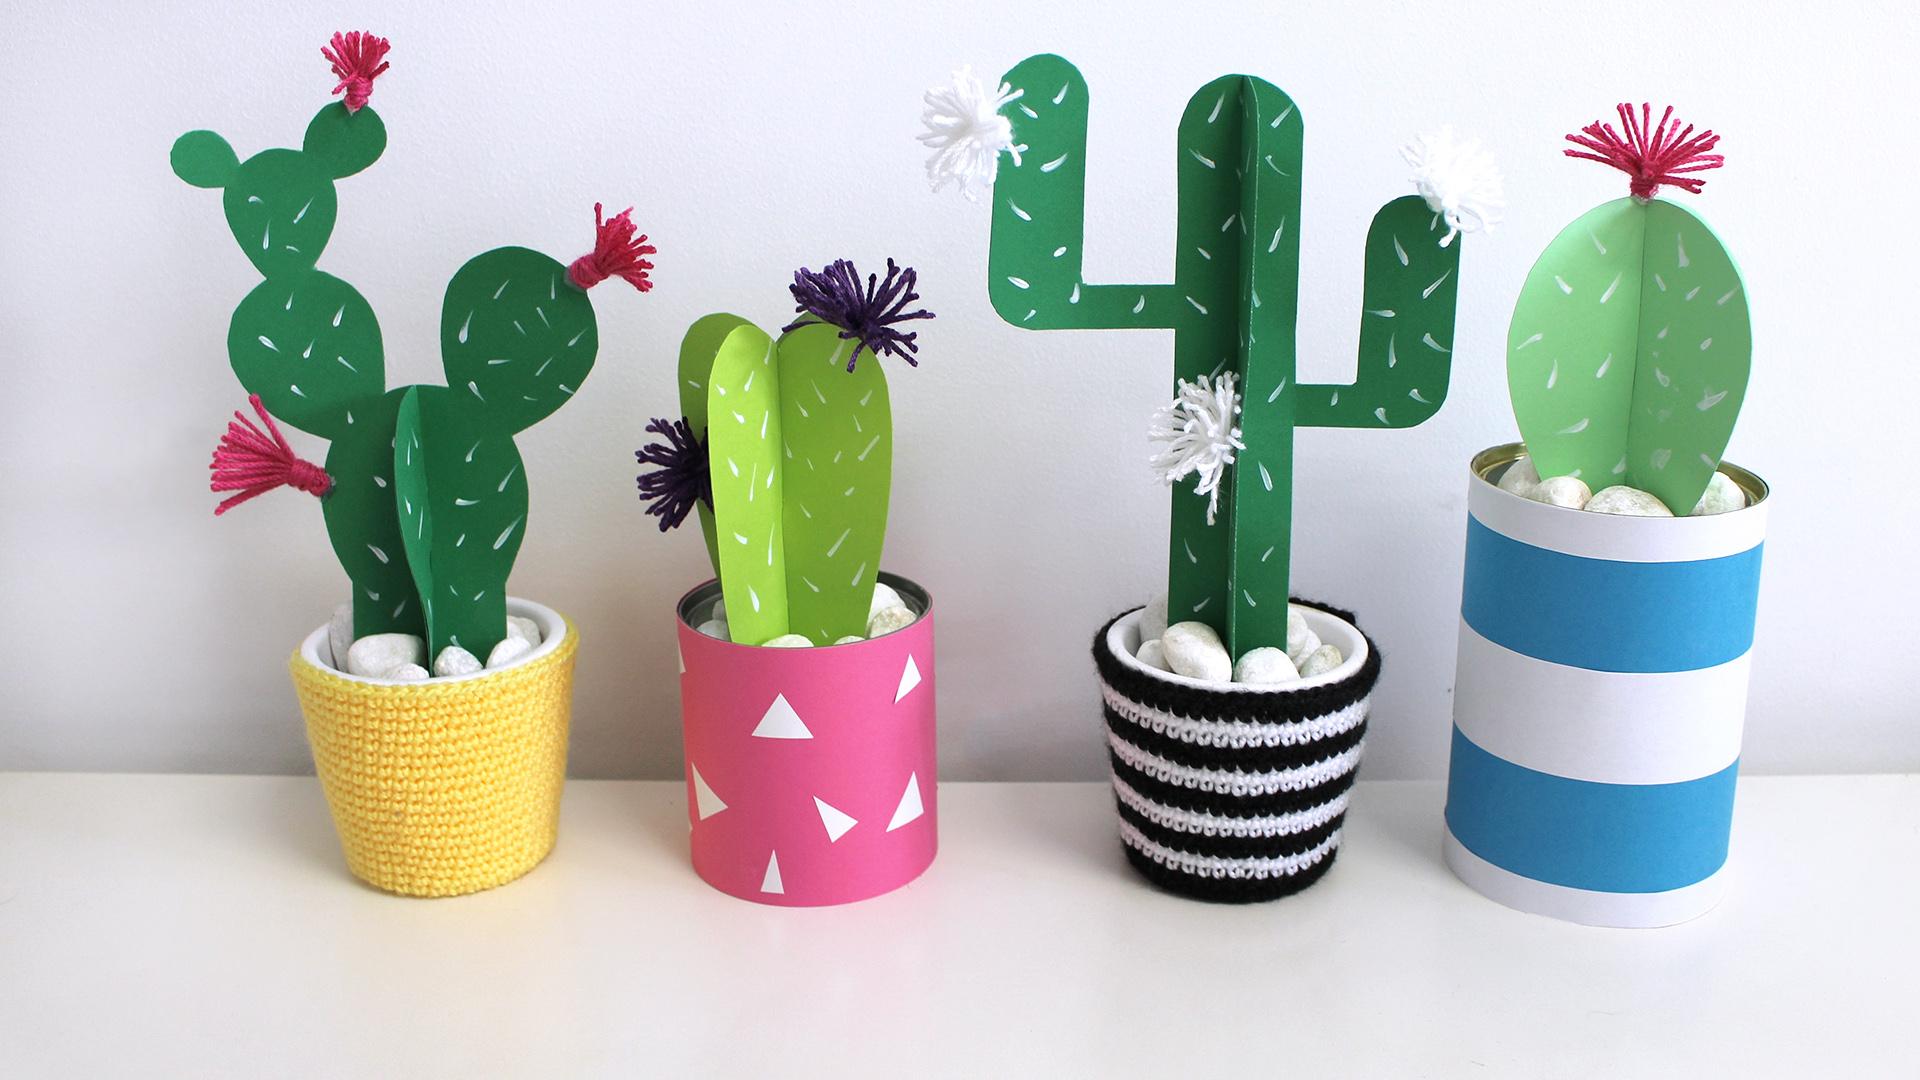 Cactus de papel missdiy - Manualidades de papel para decorar ...